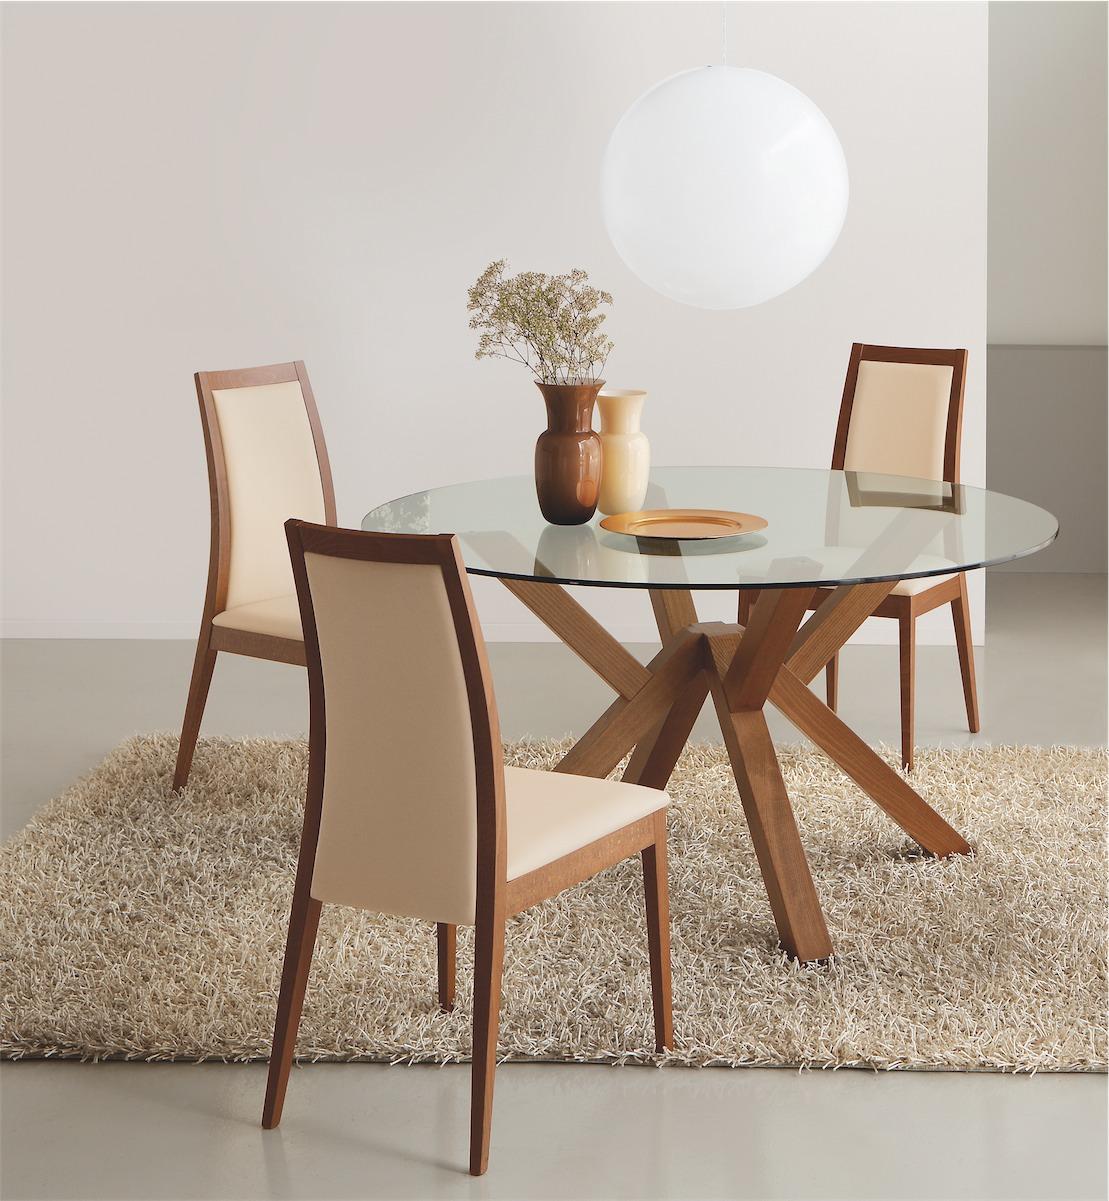 Sedia Cortina Connubia by Calligaris - linea tavoli e sedie